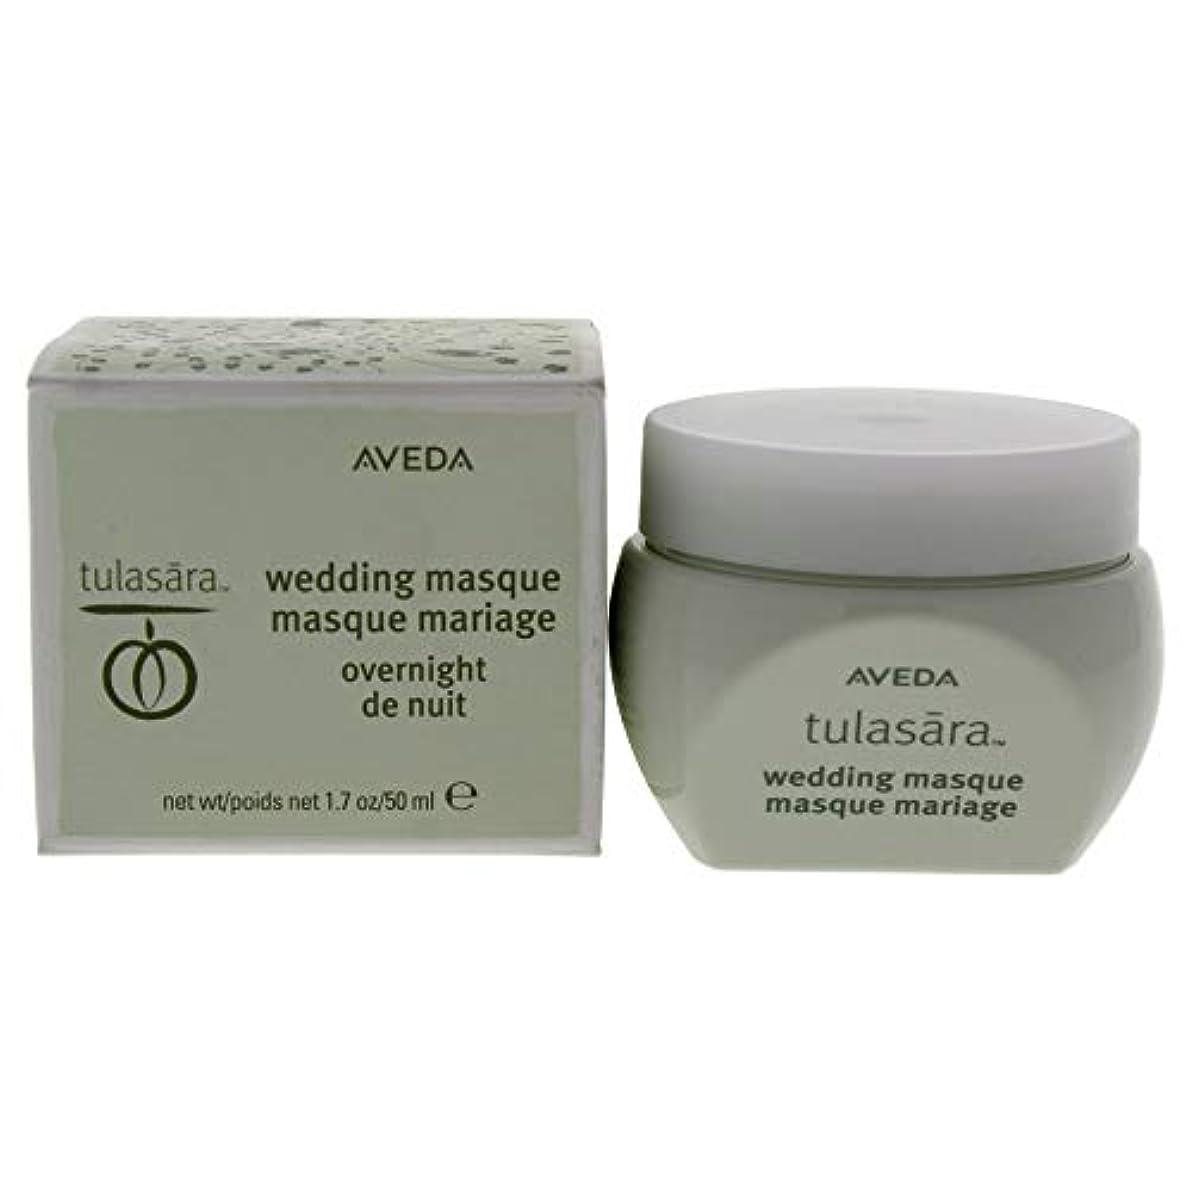 同盟議論する情熱的アヴェダ Tulasara Wedding Masque Overnight 50ml/1.7oz並行輸入品